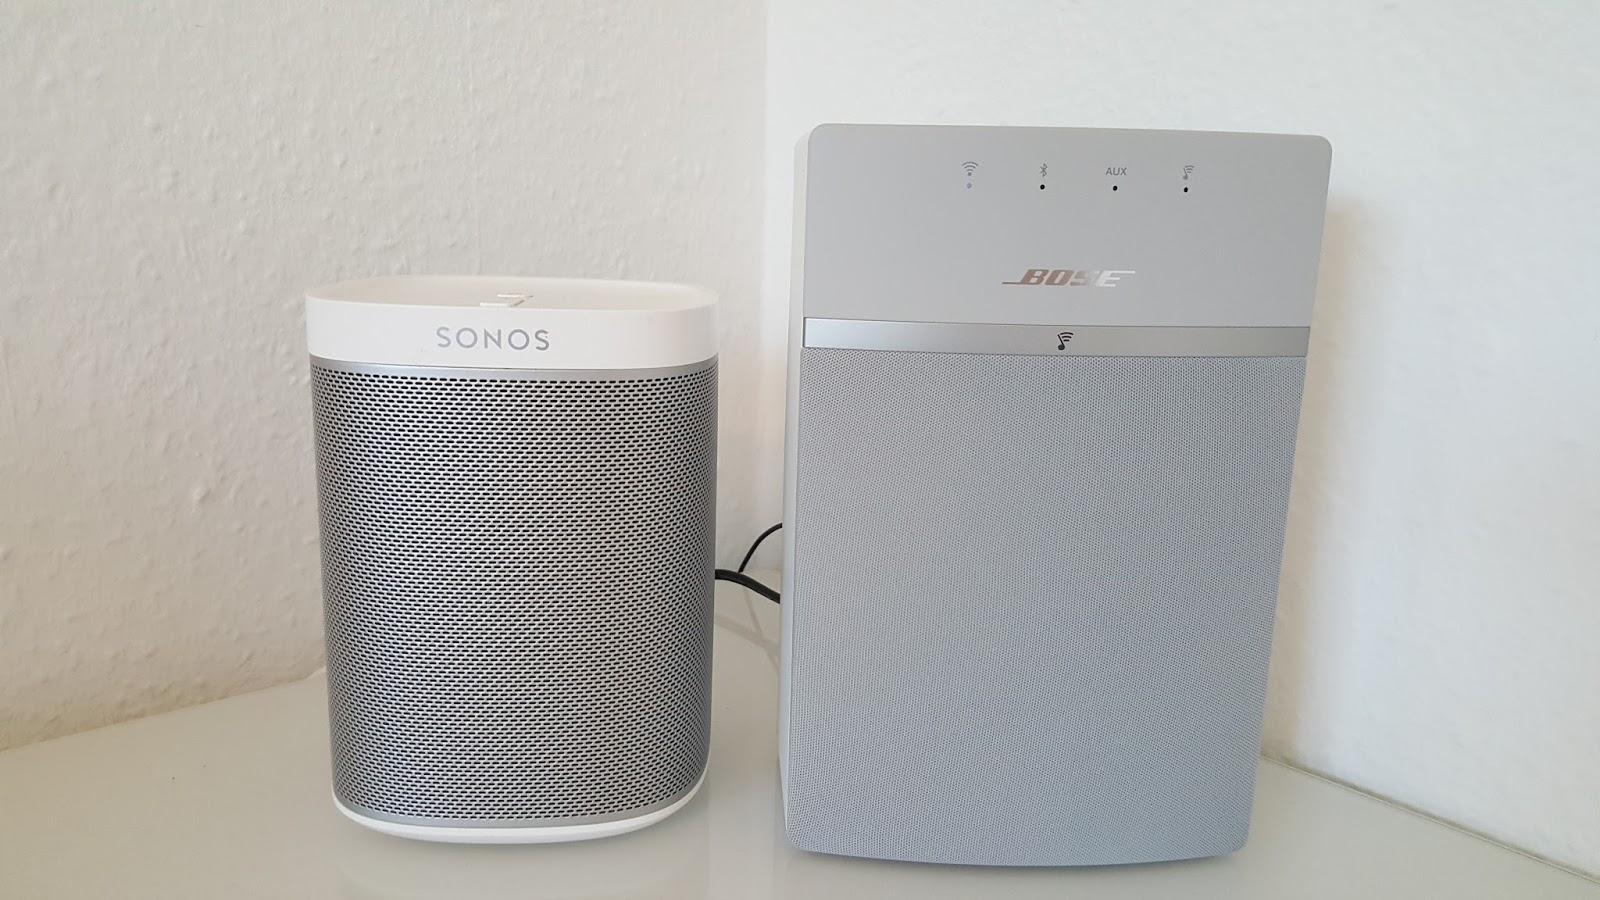 gadget checks bose soundtouch 10 vs sonos play 1 klarer sieg f r sonos auf der ganzen linie. Black Bedroom Furniture Sets. Home Design Ideas